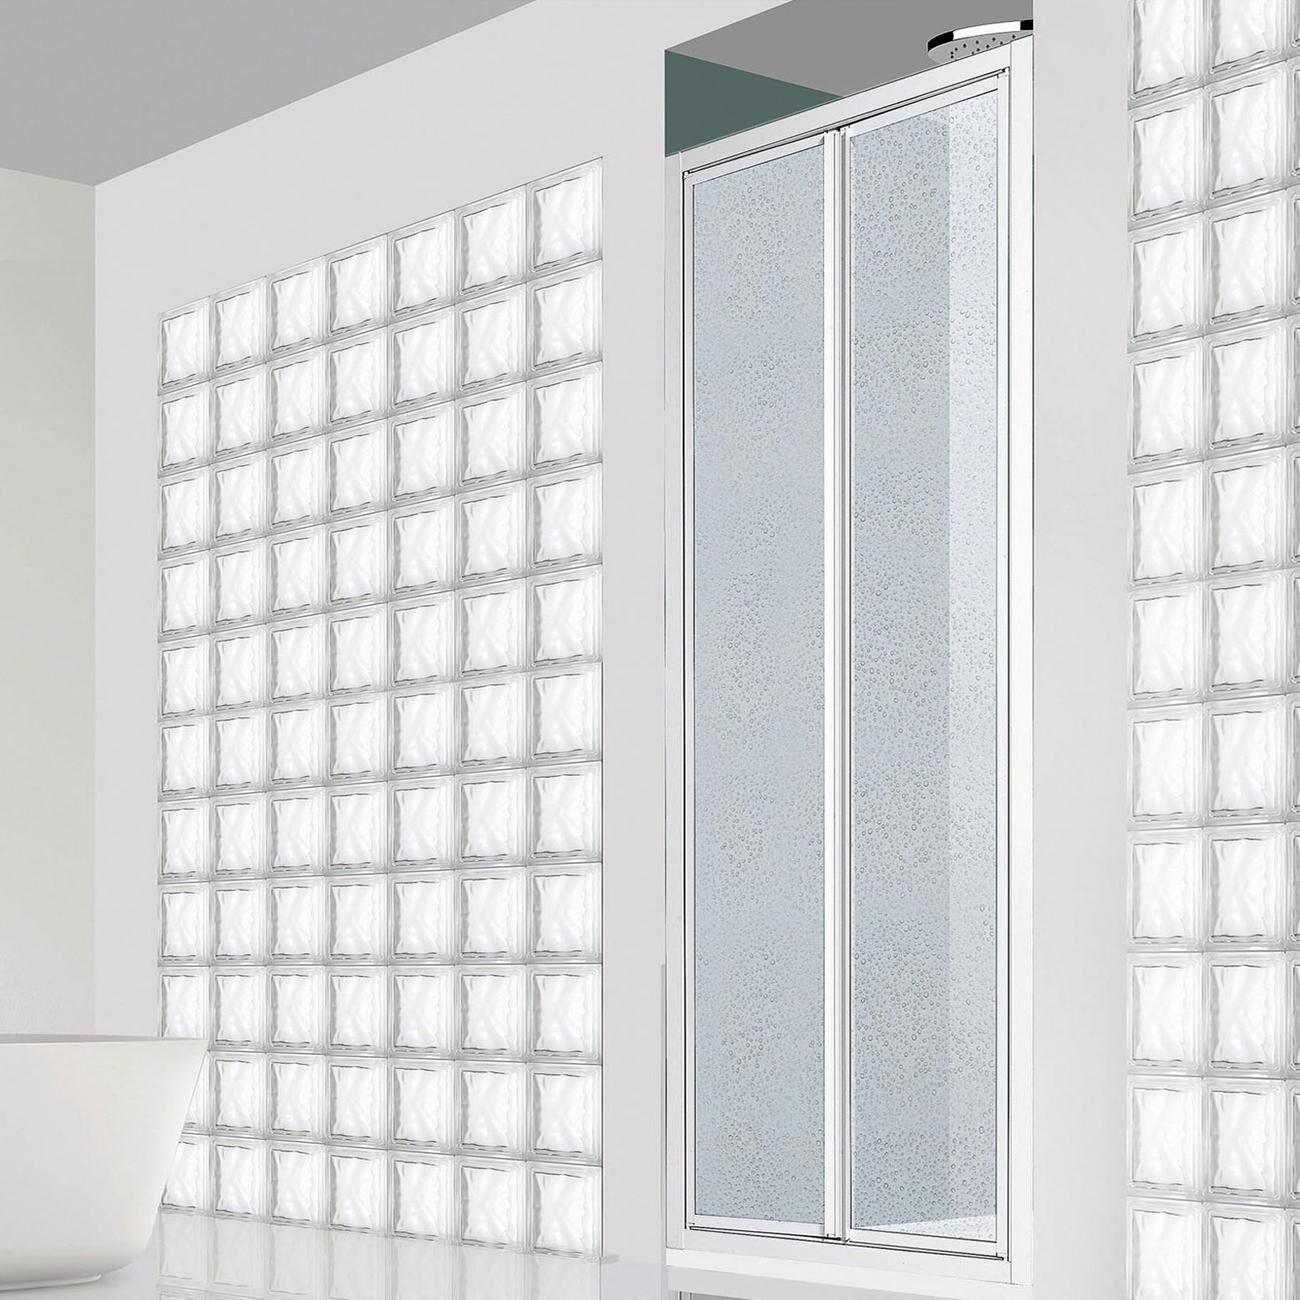 Porta doccia con apertura saloon per nicchia da 80 cm in alluminio e acrilico